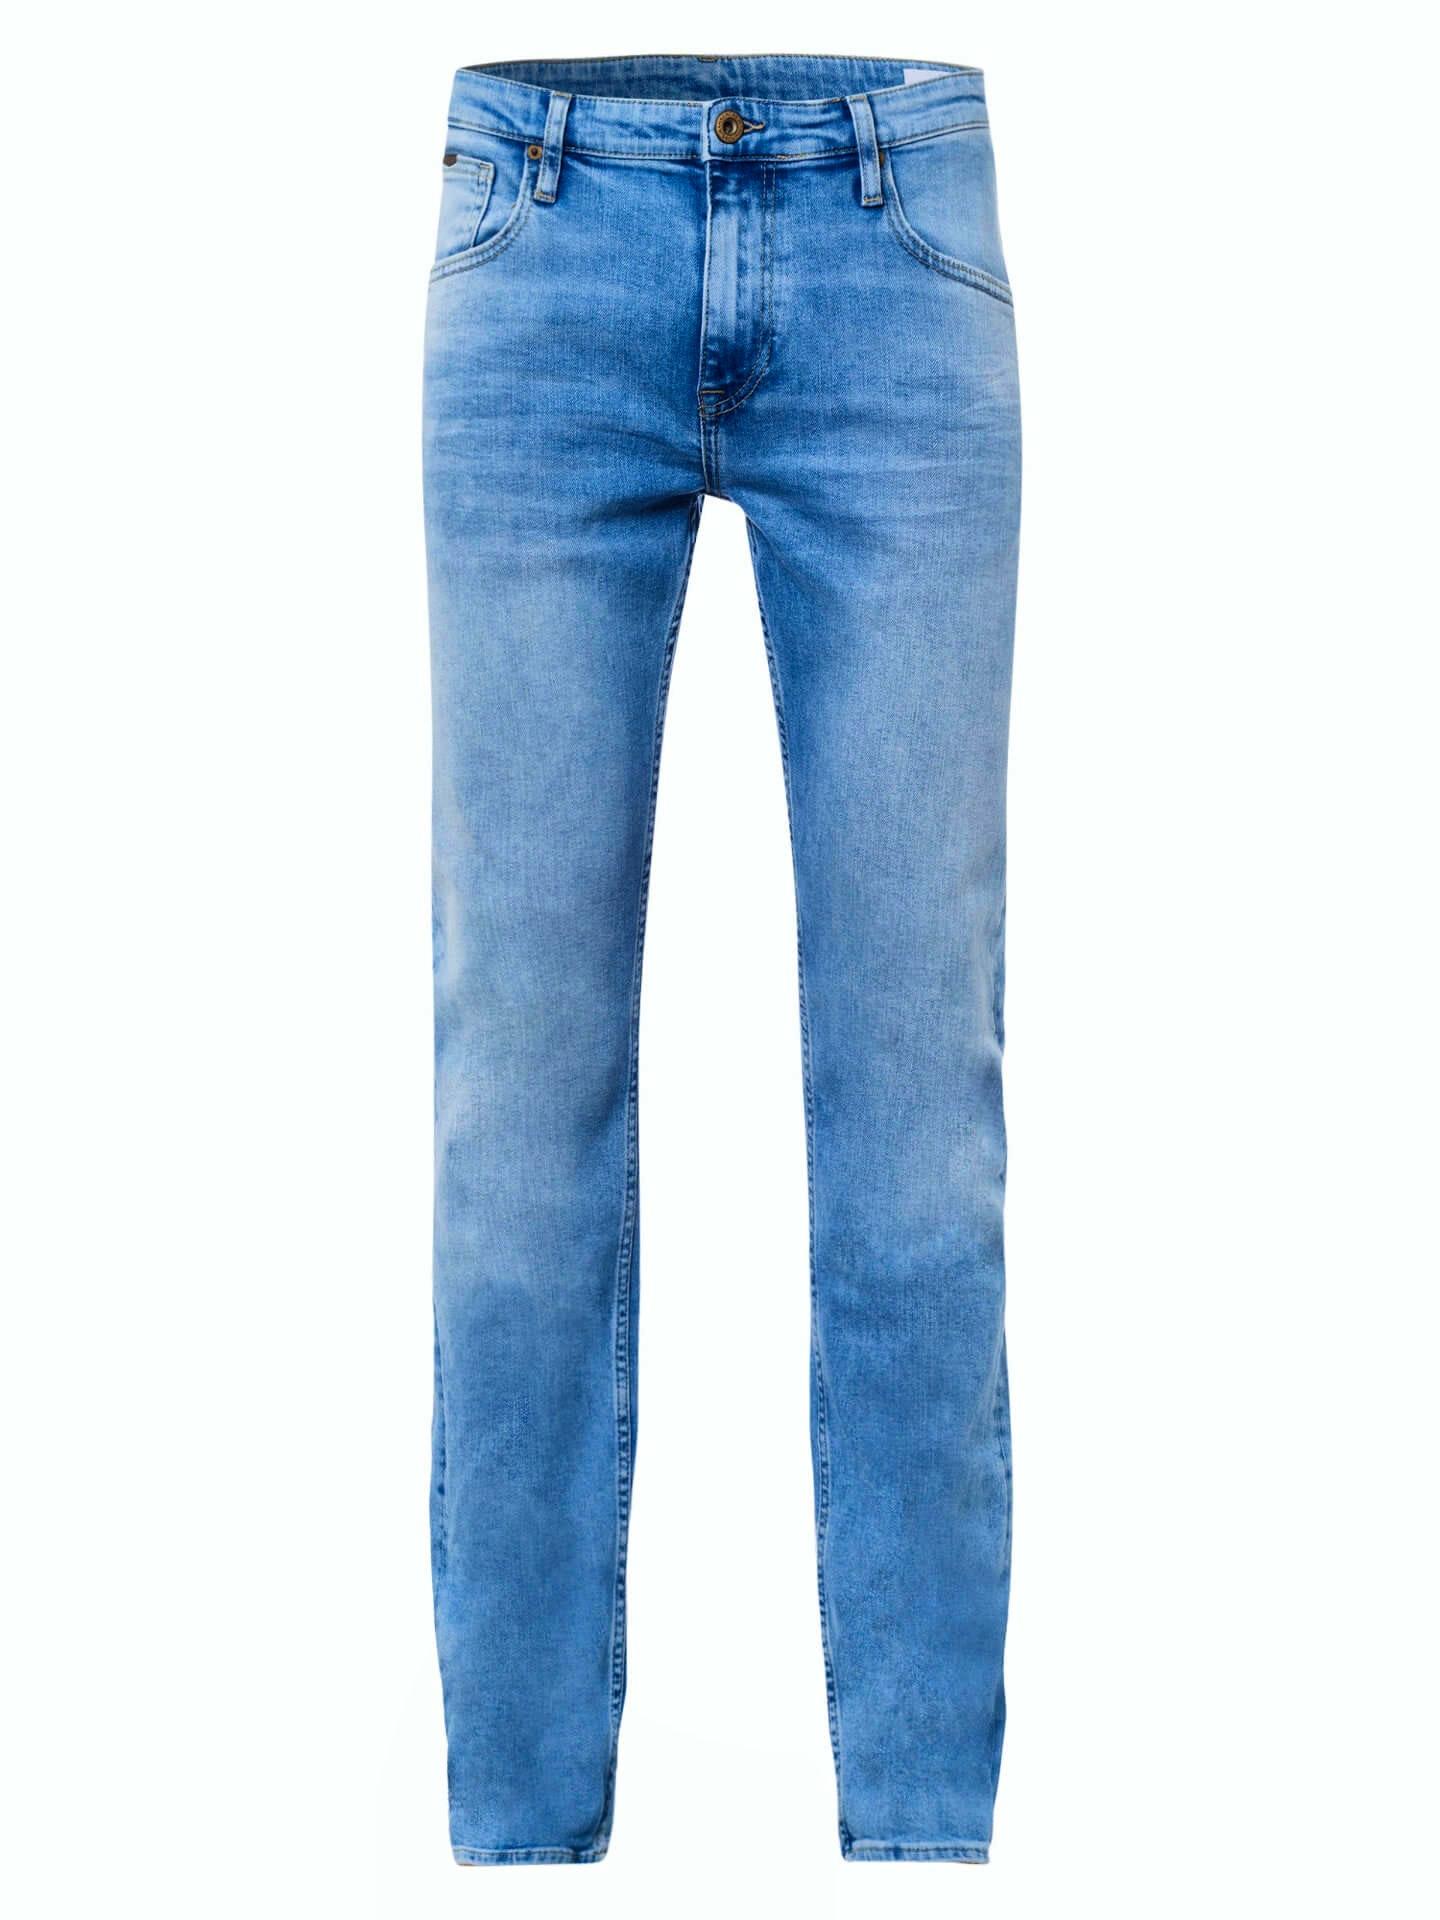 Cross Jeans Herren E 198 01